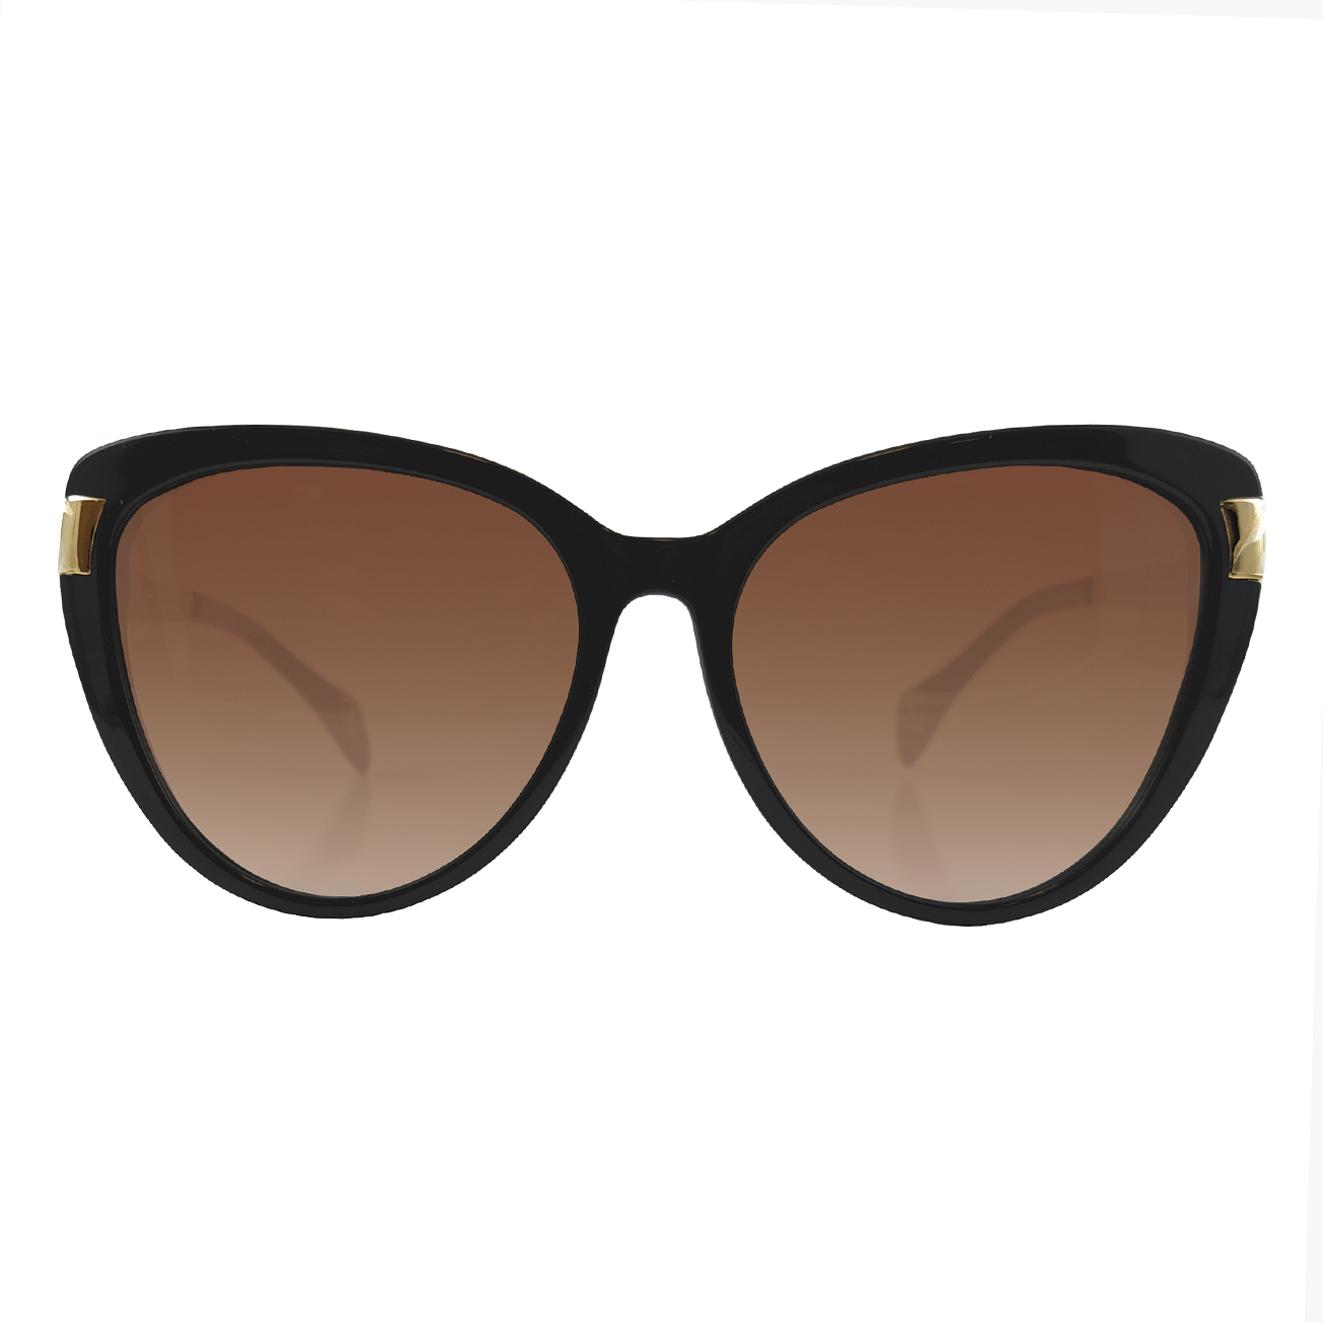 عینک آفتابی زنانه فشن تی وی مدل FTV1028C157